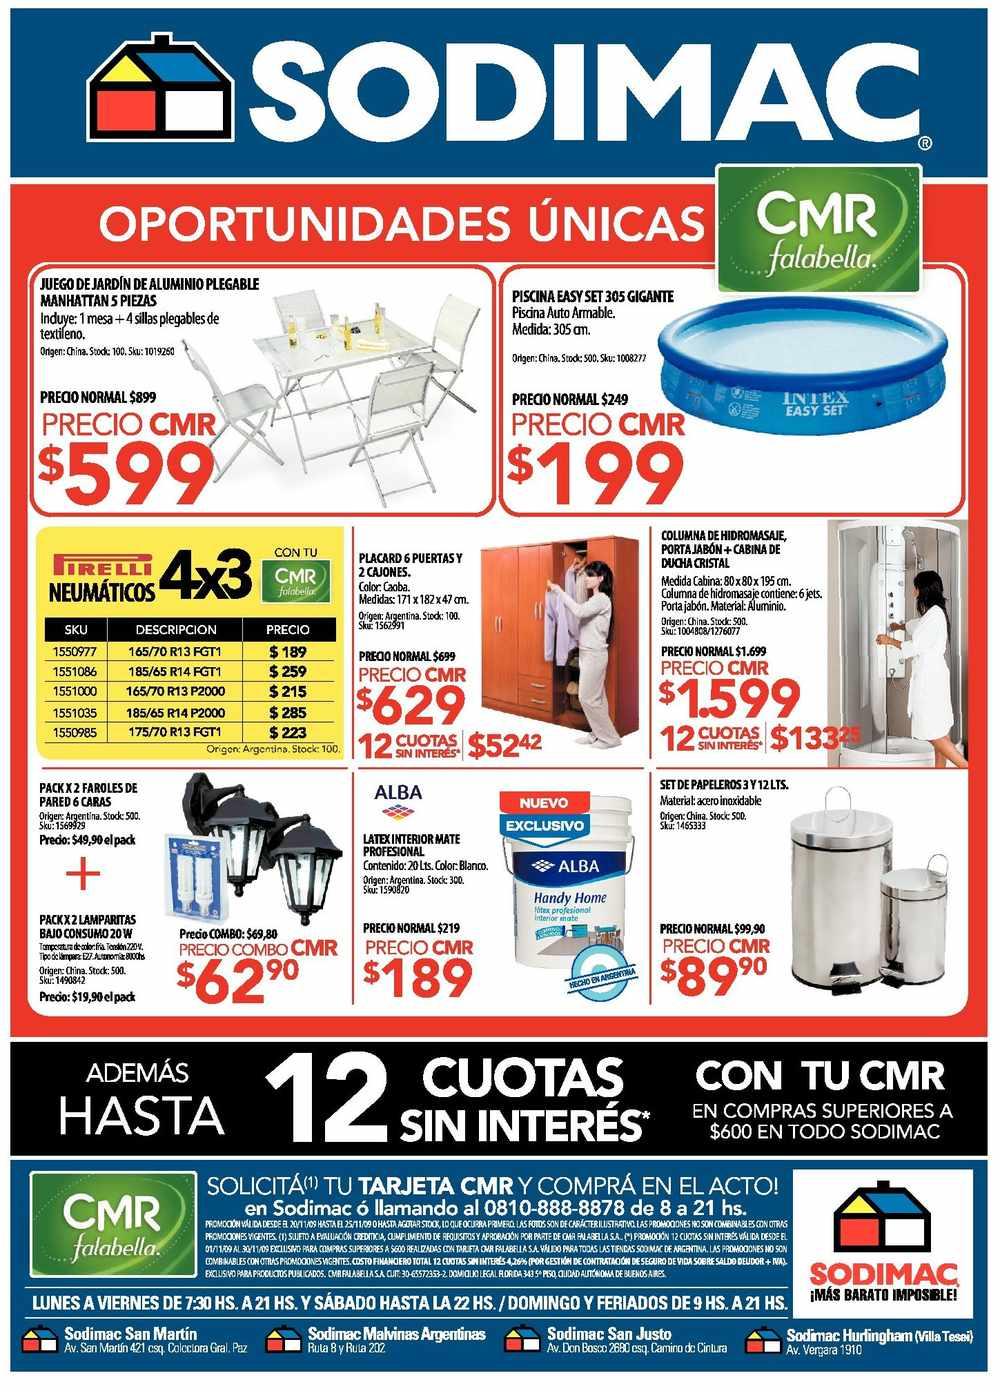 Noticias cr nica tv catalogo sodimac 2011 for Sodimac banos precios